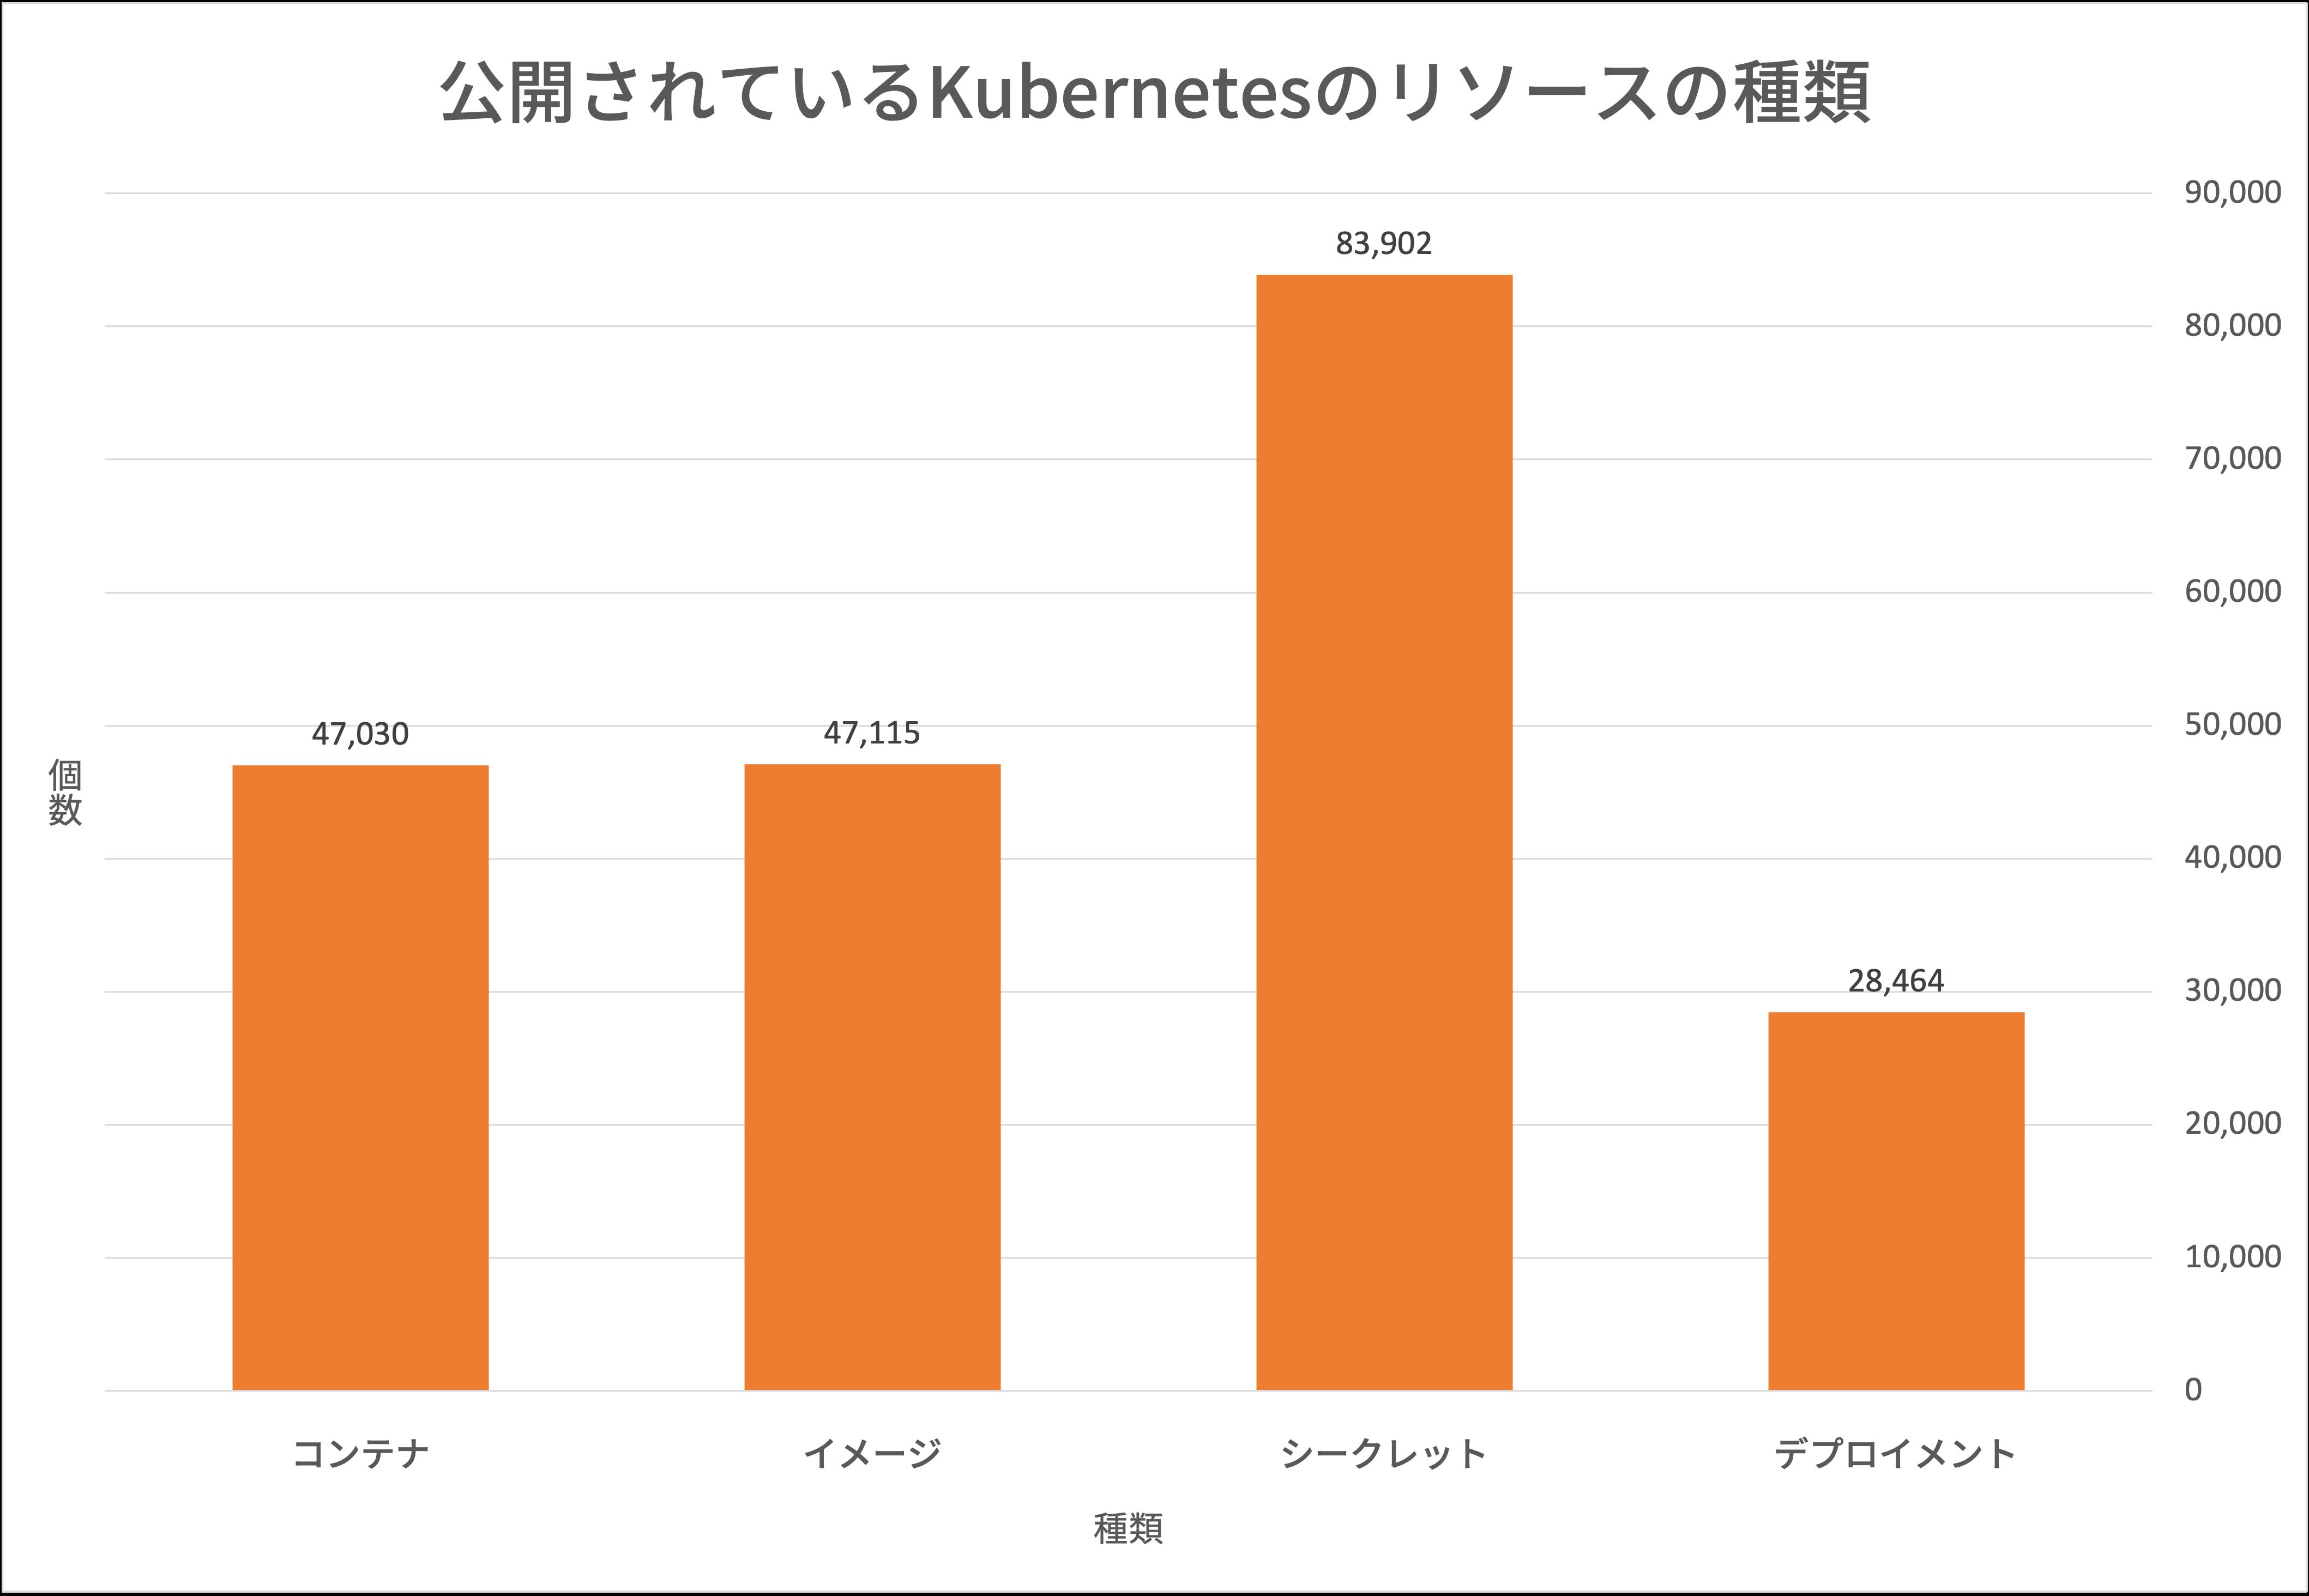 図1 公開されているKubernetesクラスタ上で特定されたコンテナ、イメージ、シークレット、デプロイメントの数